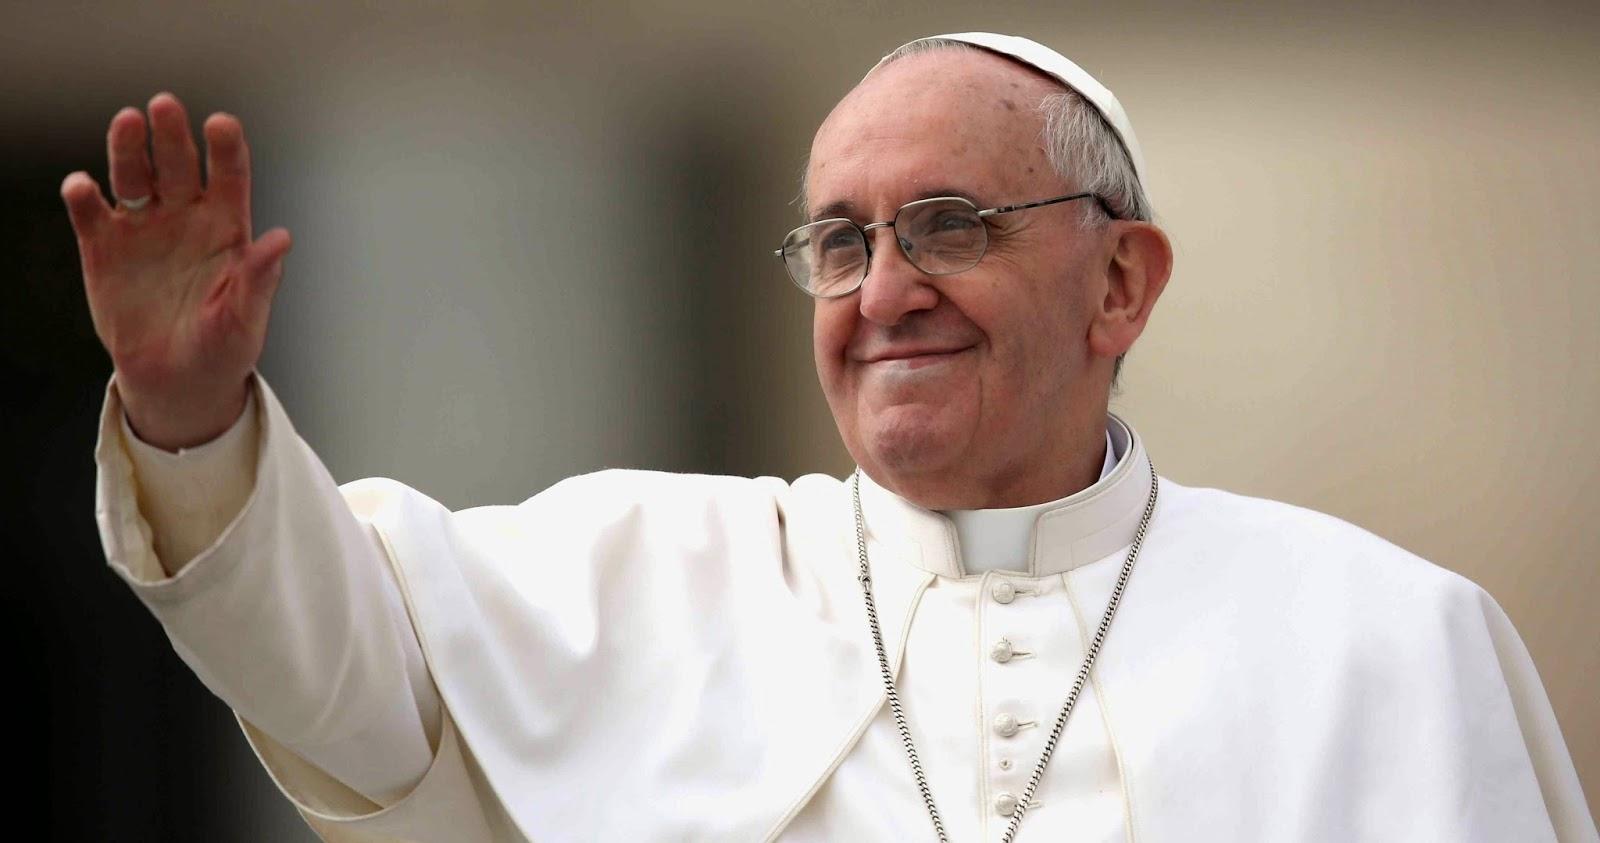 El Secreto del Papa Francisco